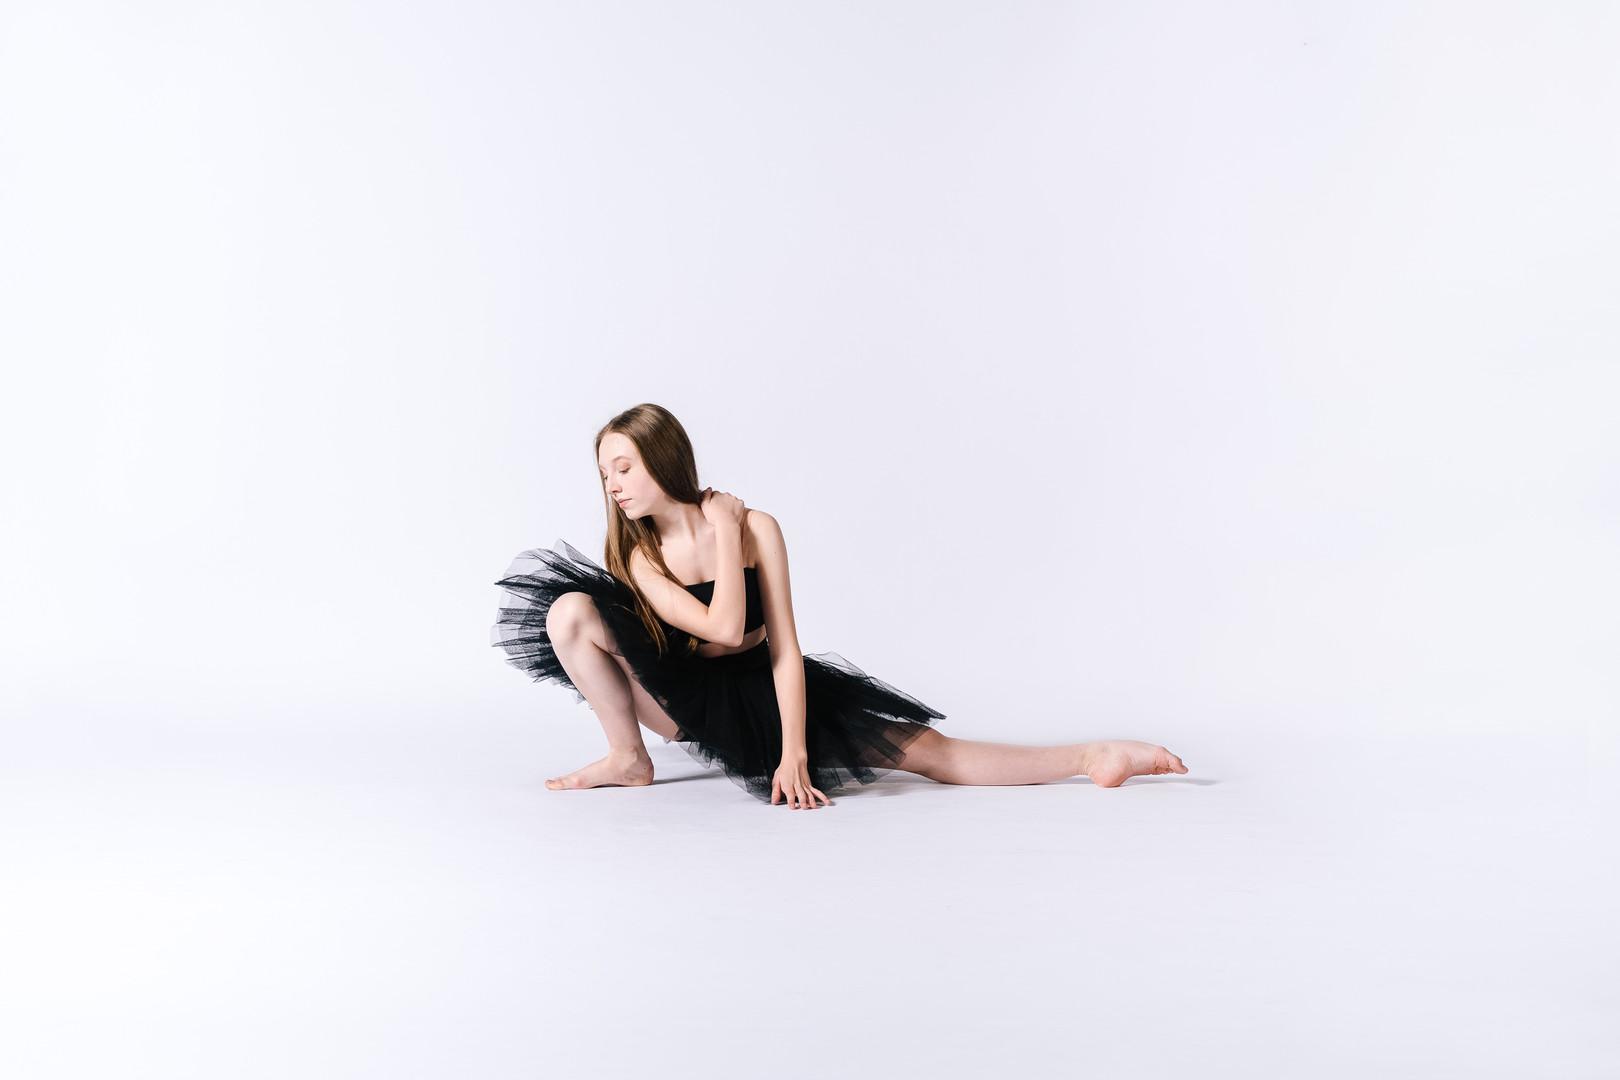 manchester-dance-photographer-16.jpg